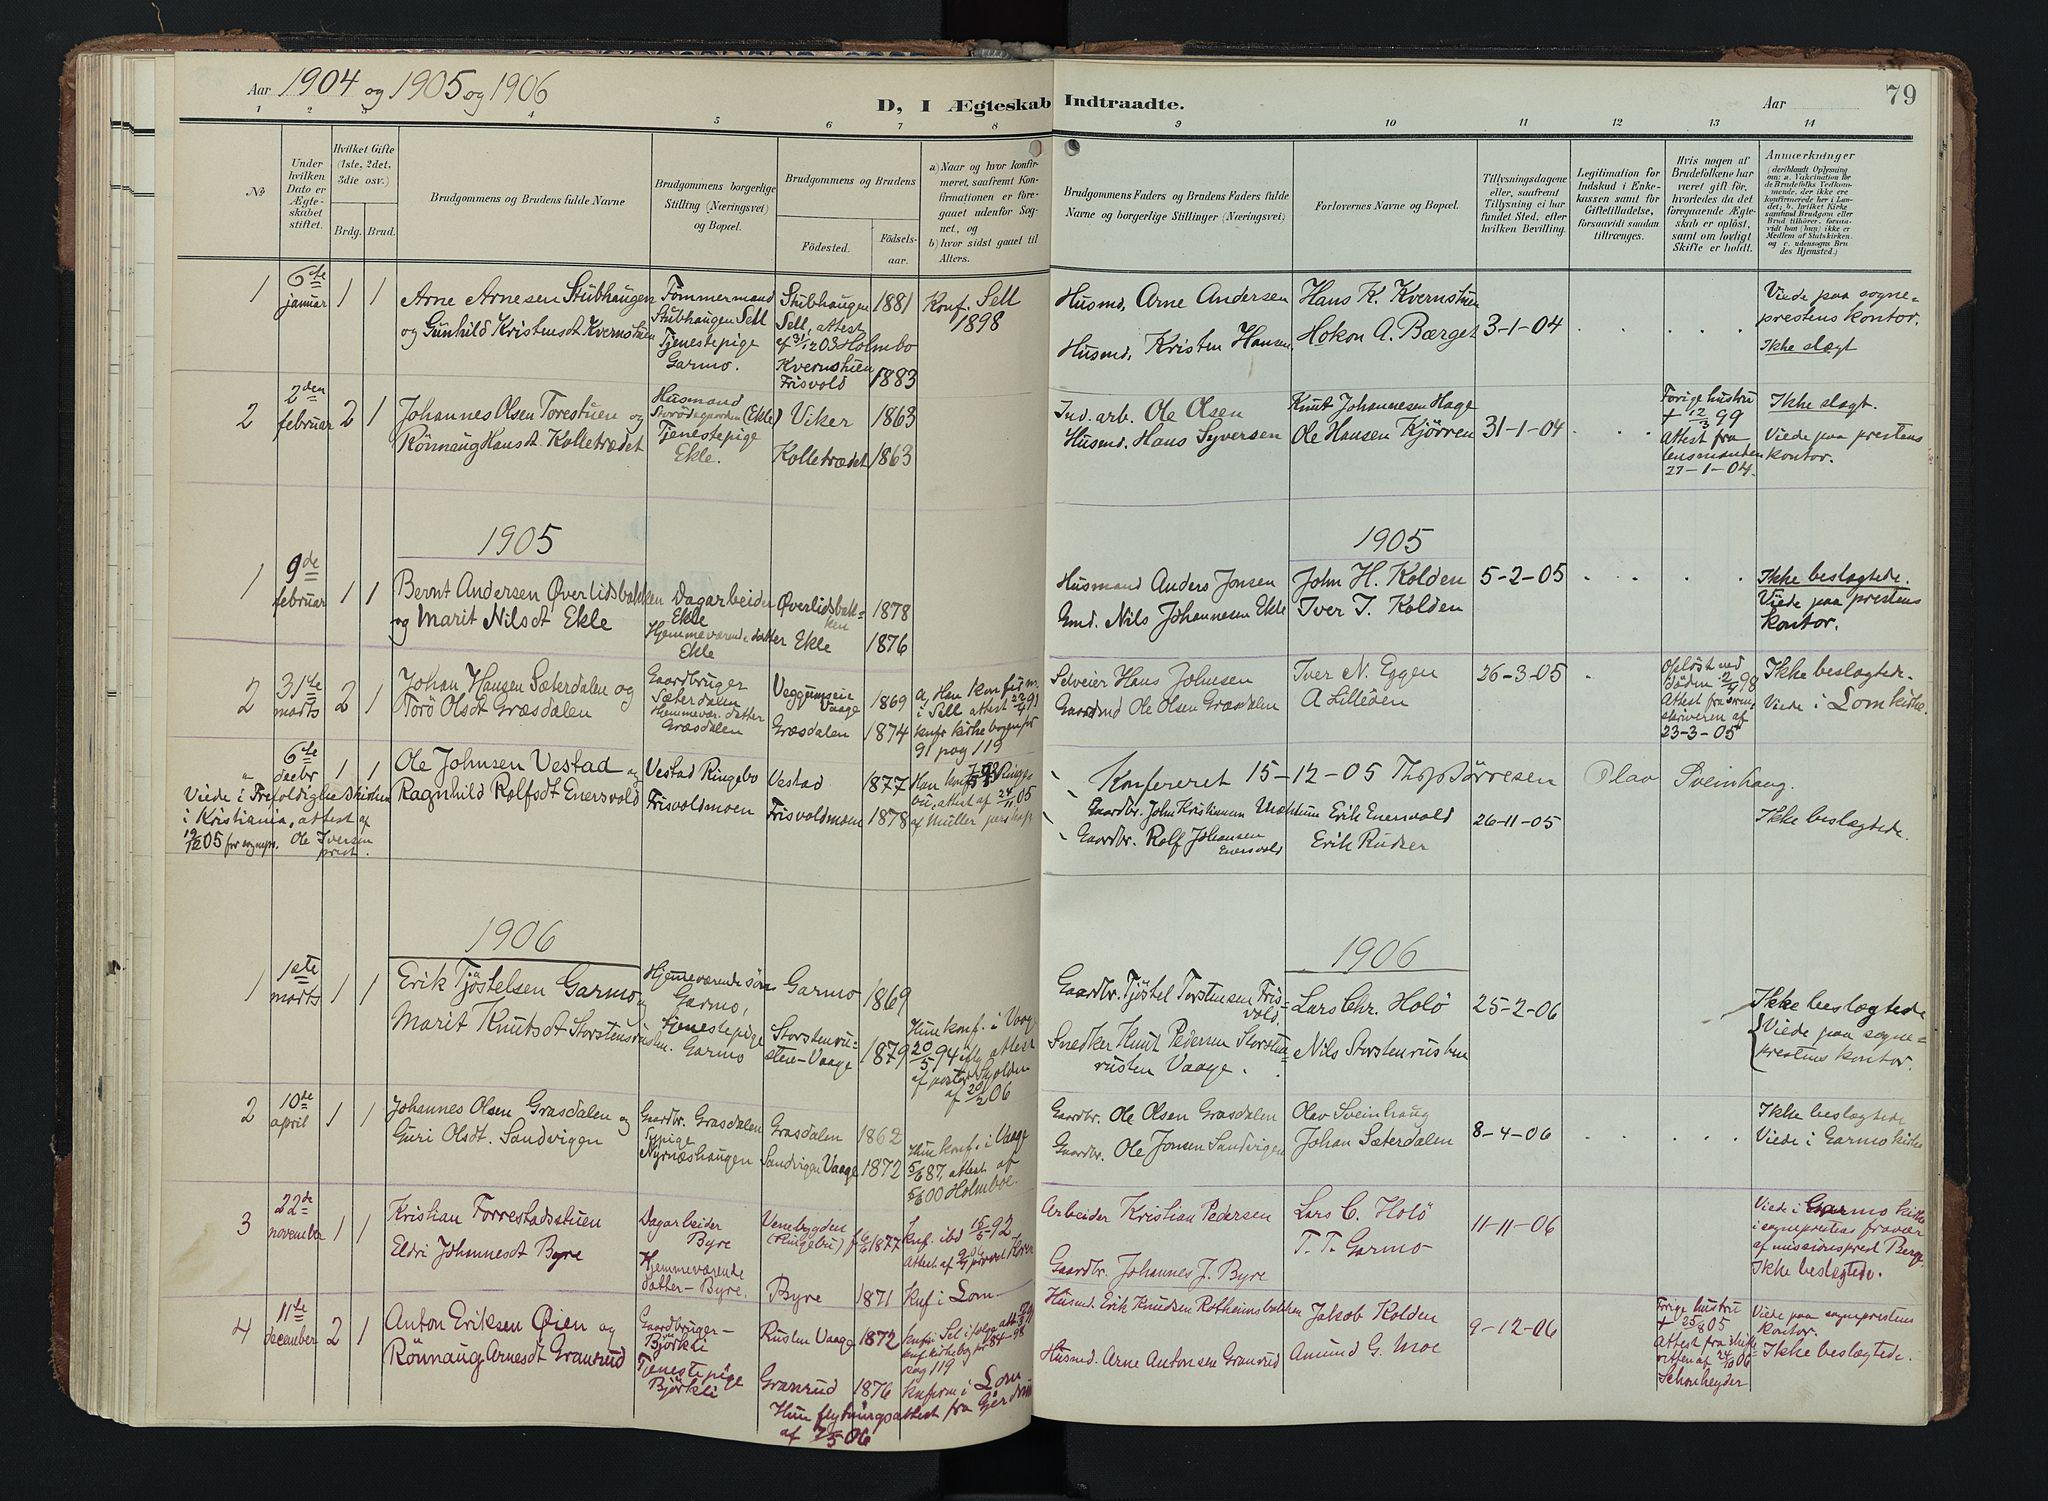 SAH, Lom prestekontor, K/L0011: Ministerialbok nr. 11, 1904-1928, s. 79